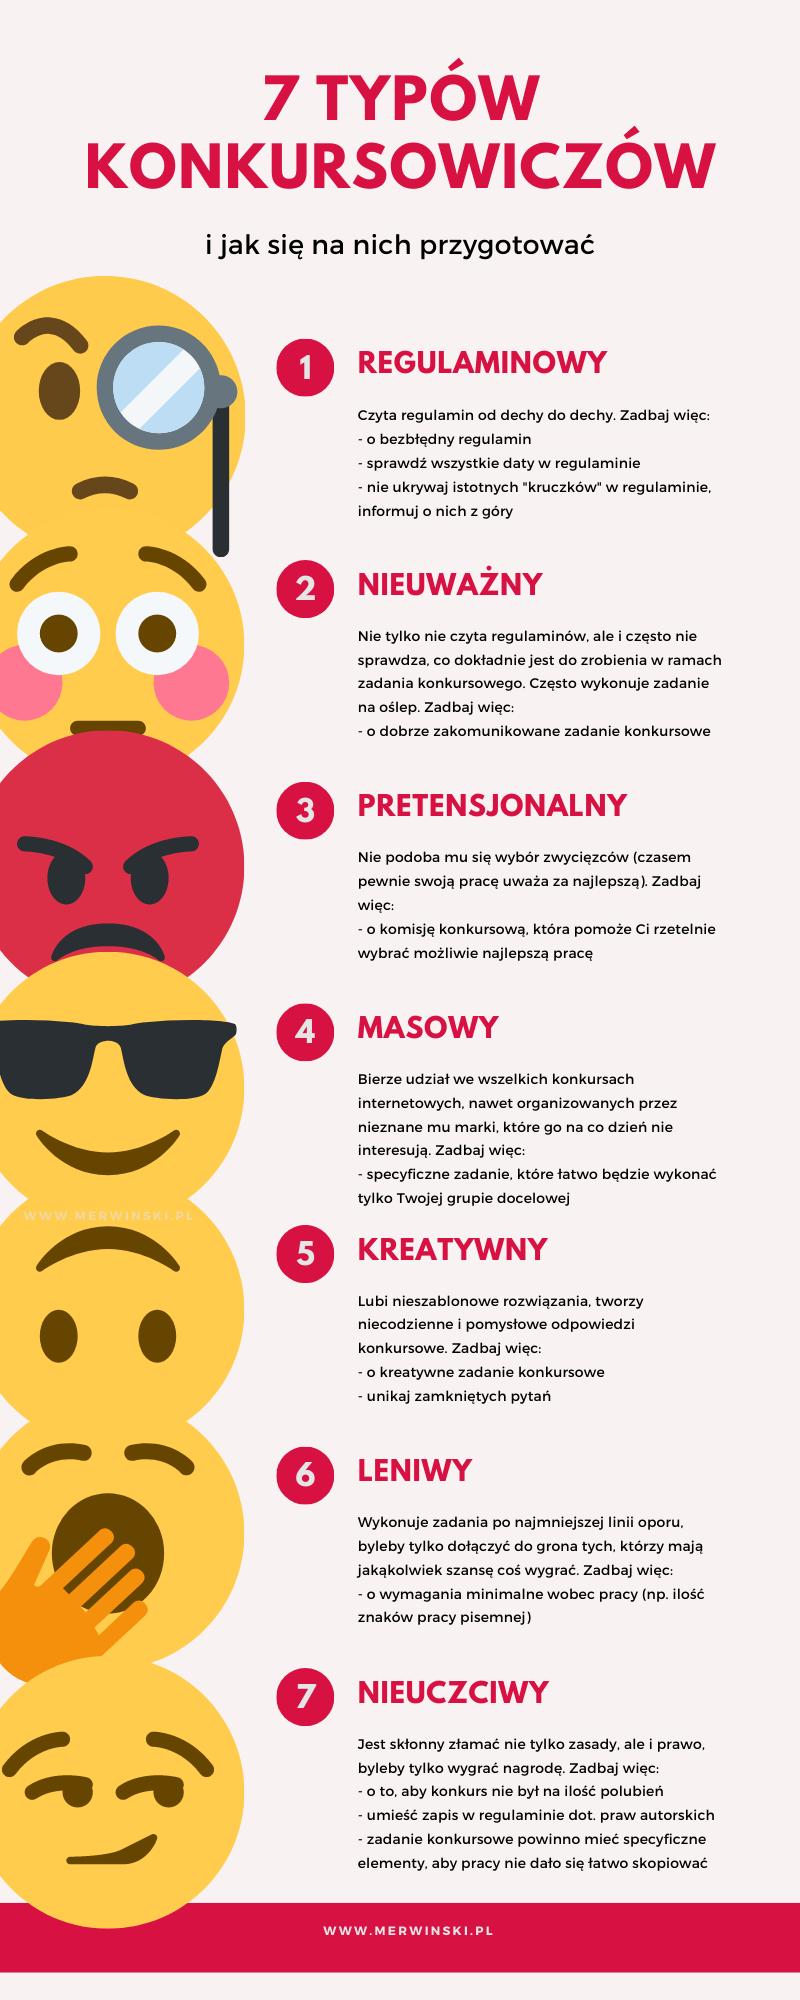 Infografika prezentująca 7 typów konkursowiczów oraz sposoby przygotowania się na nich